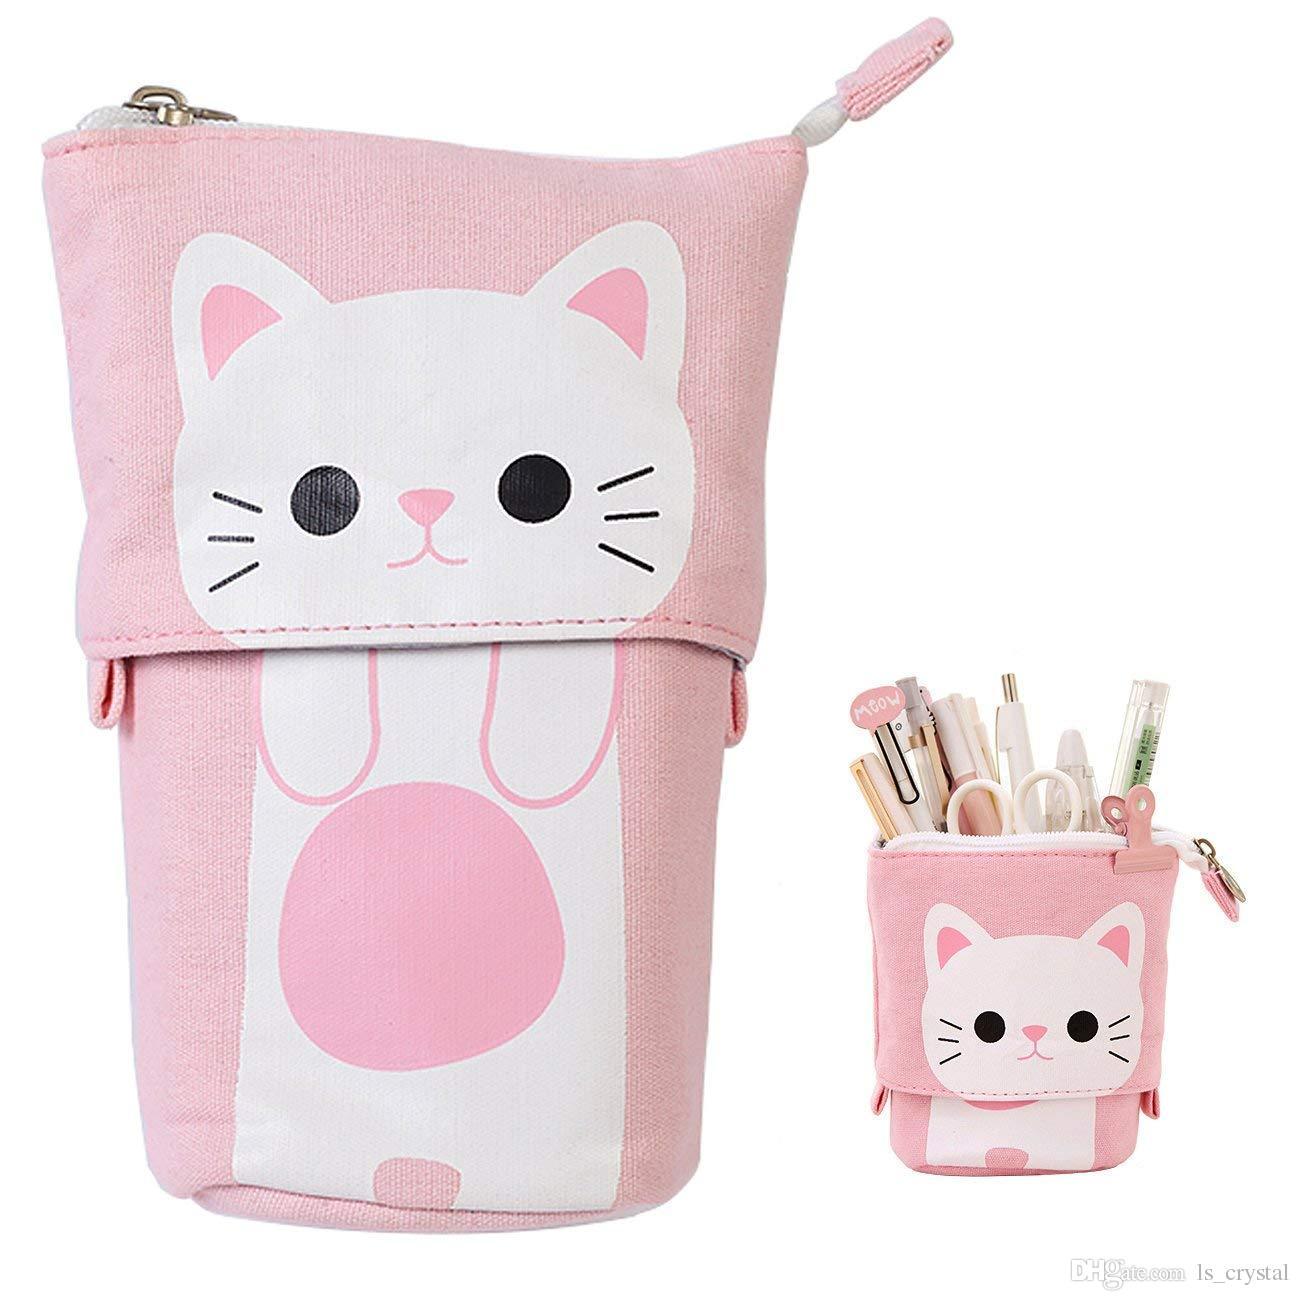 حامل محول حامل قلم رصاص قماش بو القط تلسكوبي الحقيبة حقيبة القرطاسية القلم حالة صندوق مع زيبر الكرتون تصميم WJ032